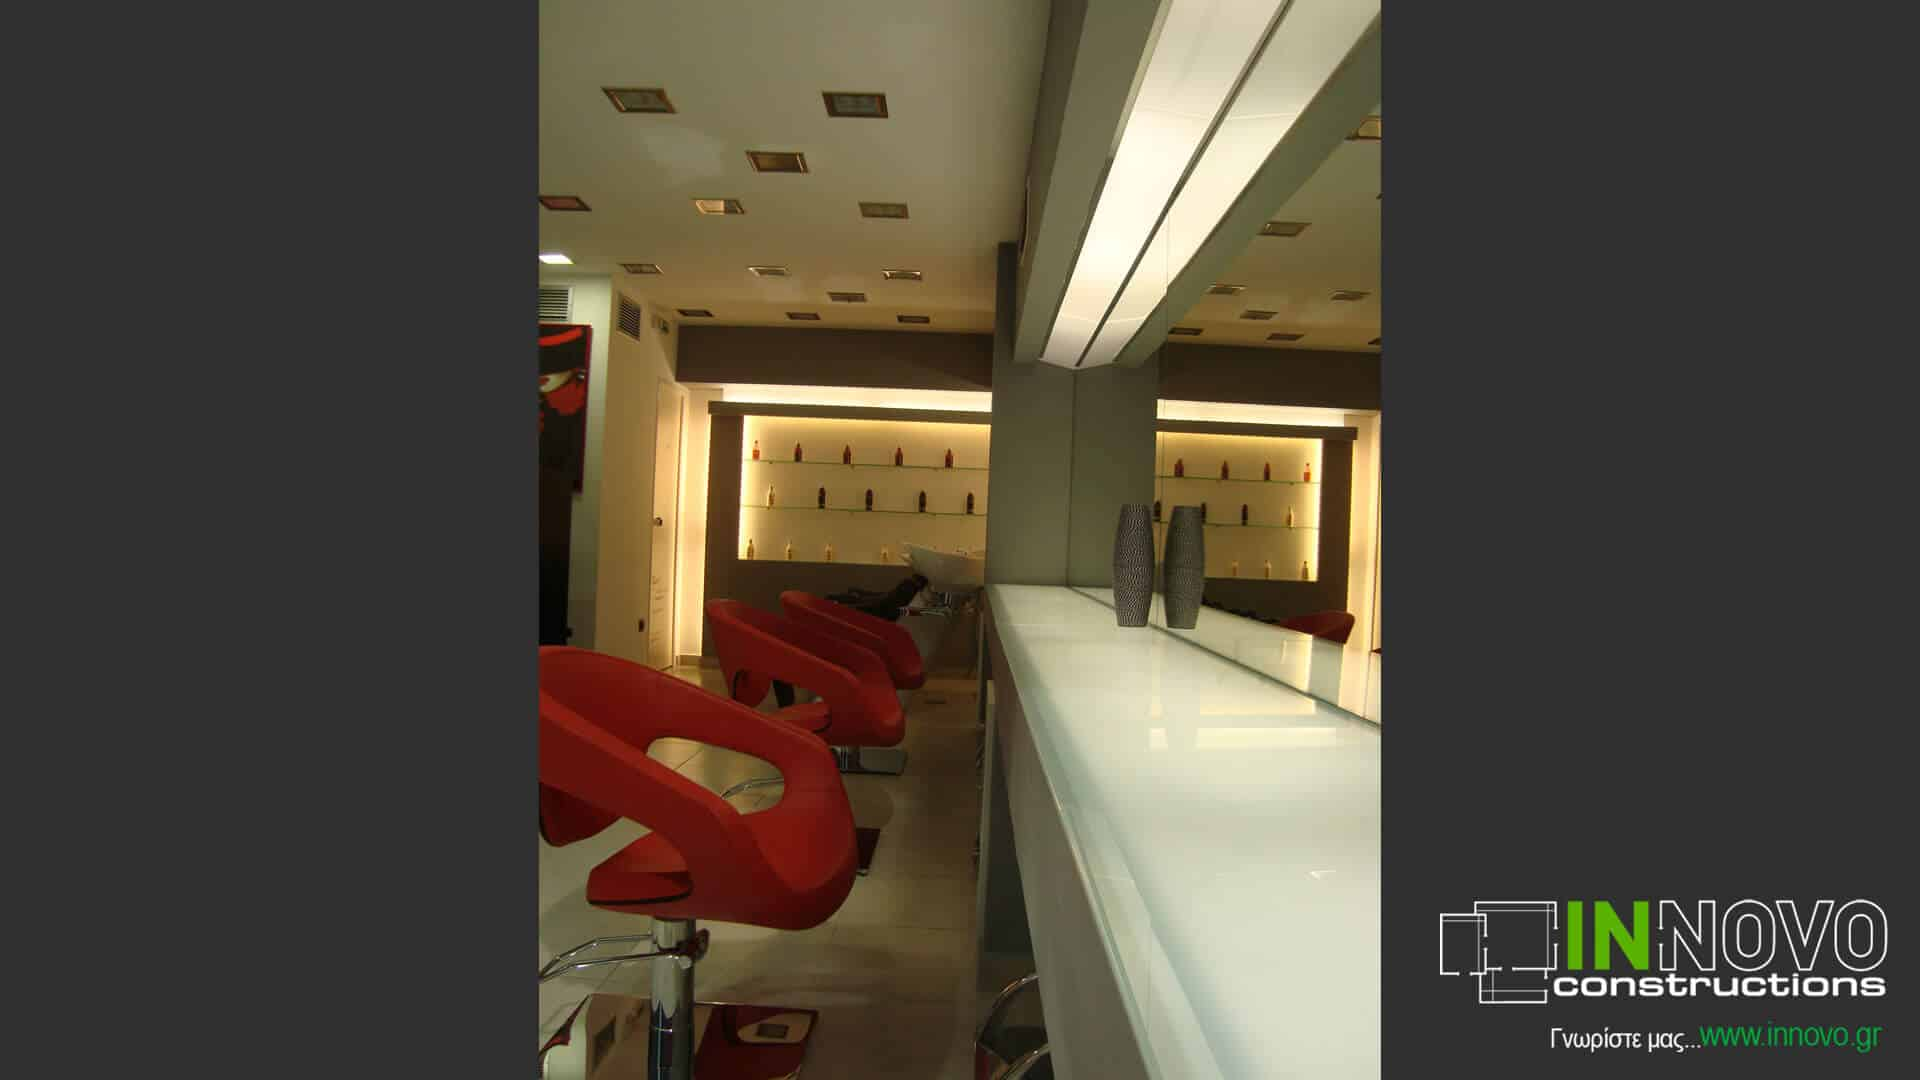 diakosmisi-kommotiriou-hairdressers-design-kommotirio-nafplio-1071-16